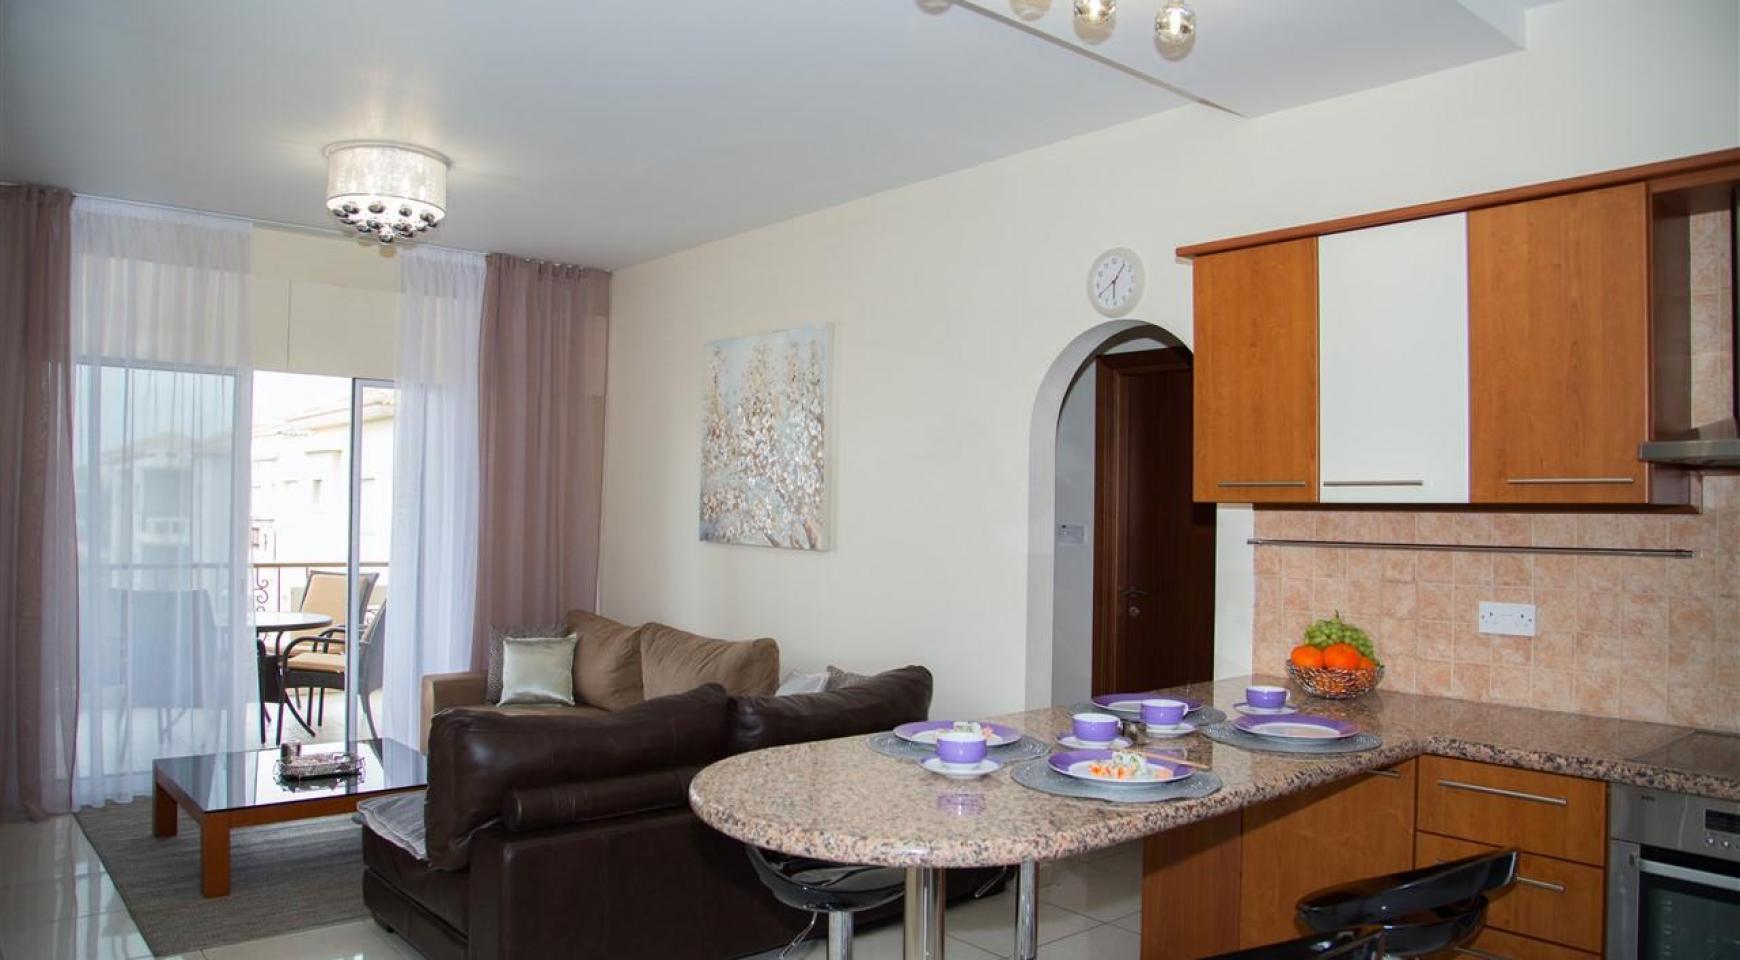 2-Спальная Квартира Mesogios Iris 304 в Комплексе у Моря - 1